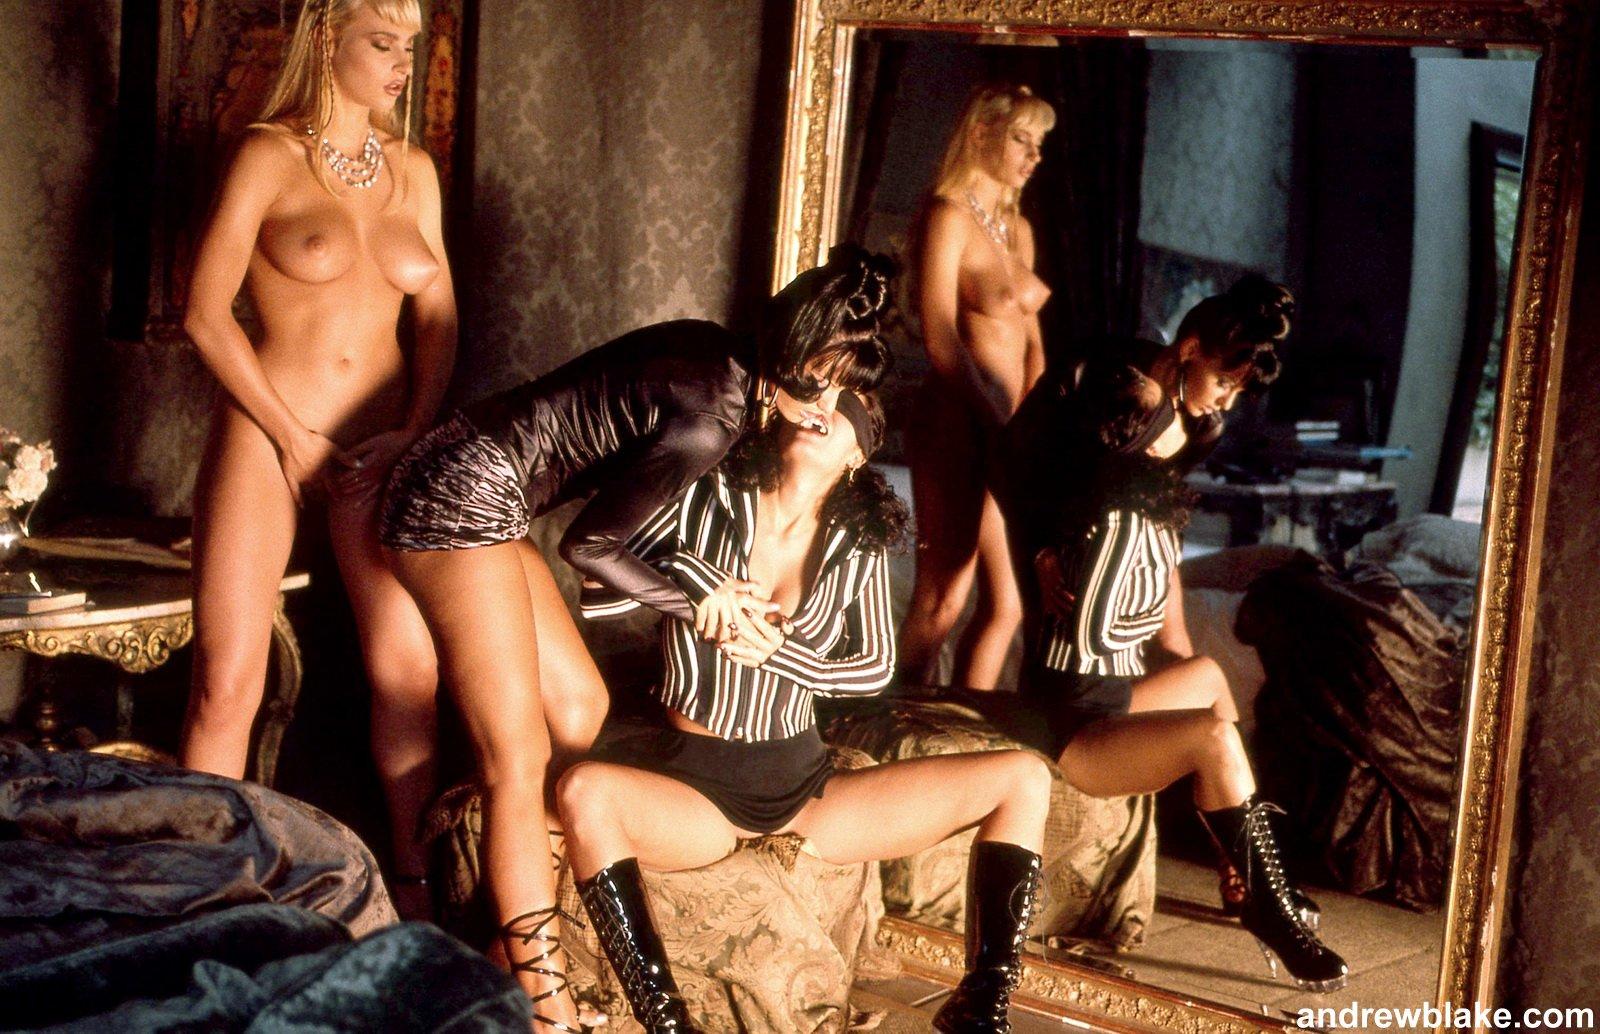 Смотреть andrew blake порно, Эндрю Блейк - Ночные грезы » Порно фильмы 26 фотография